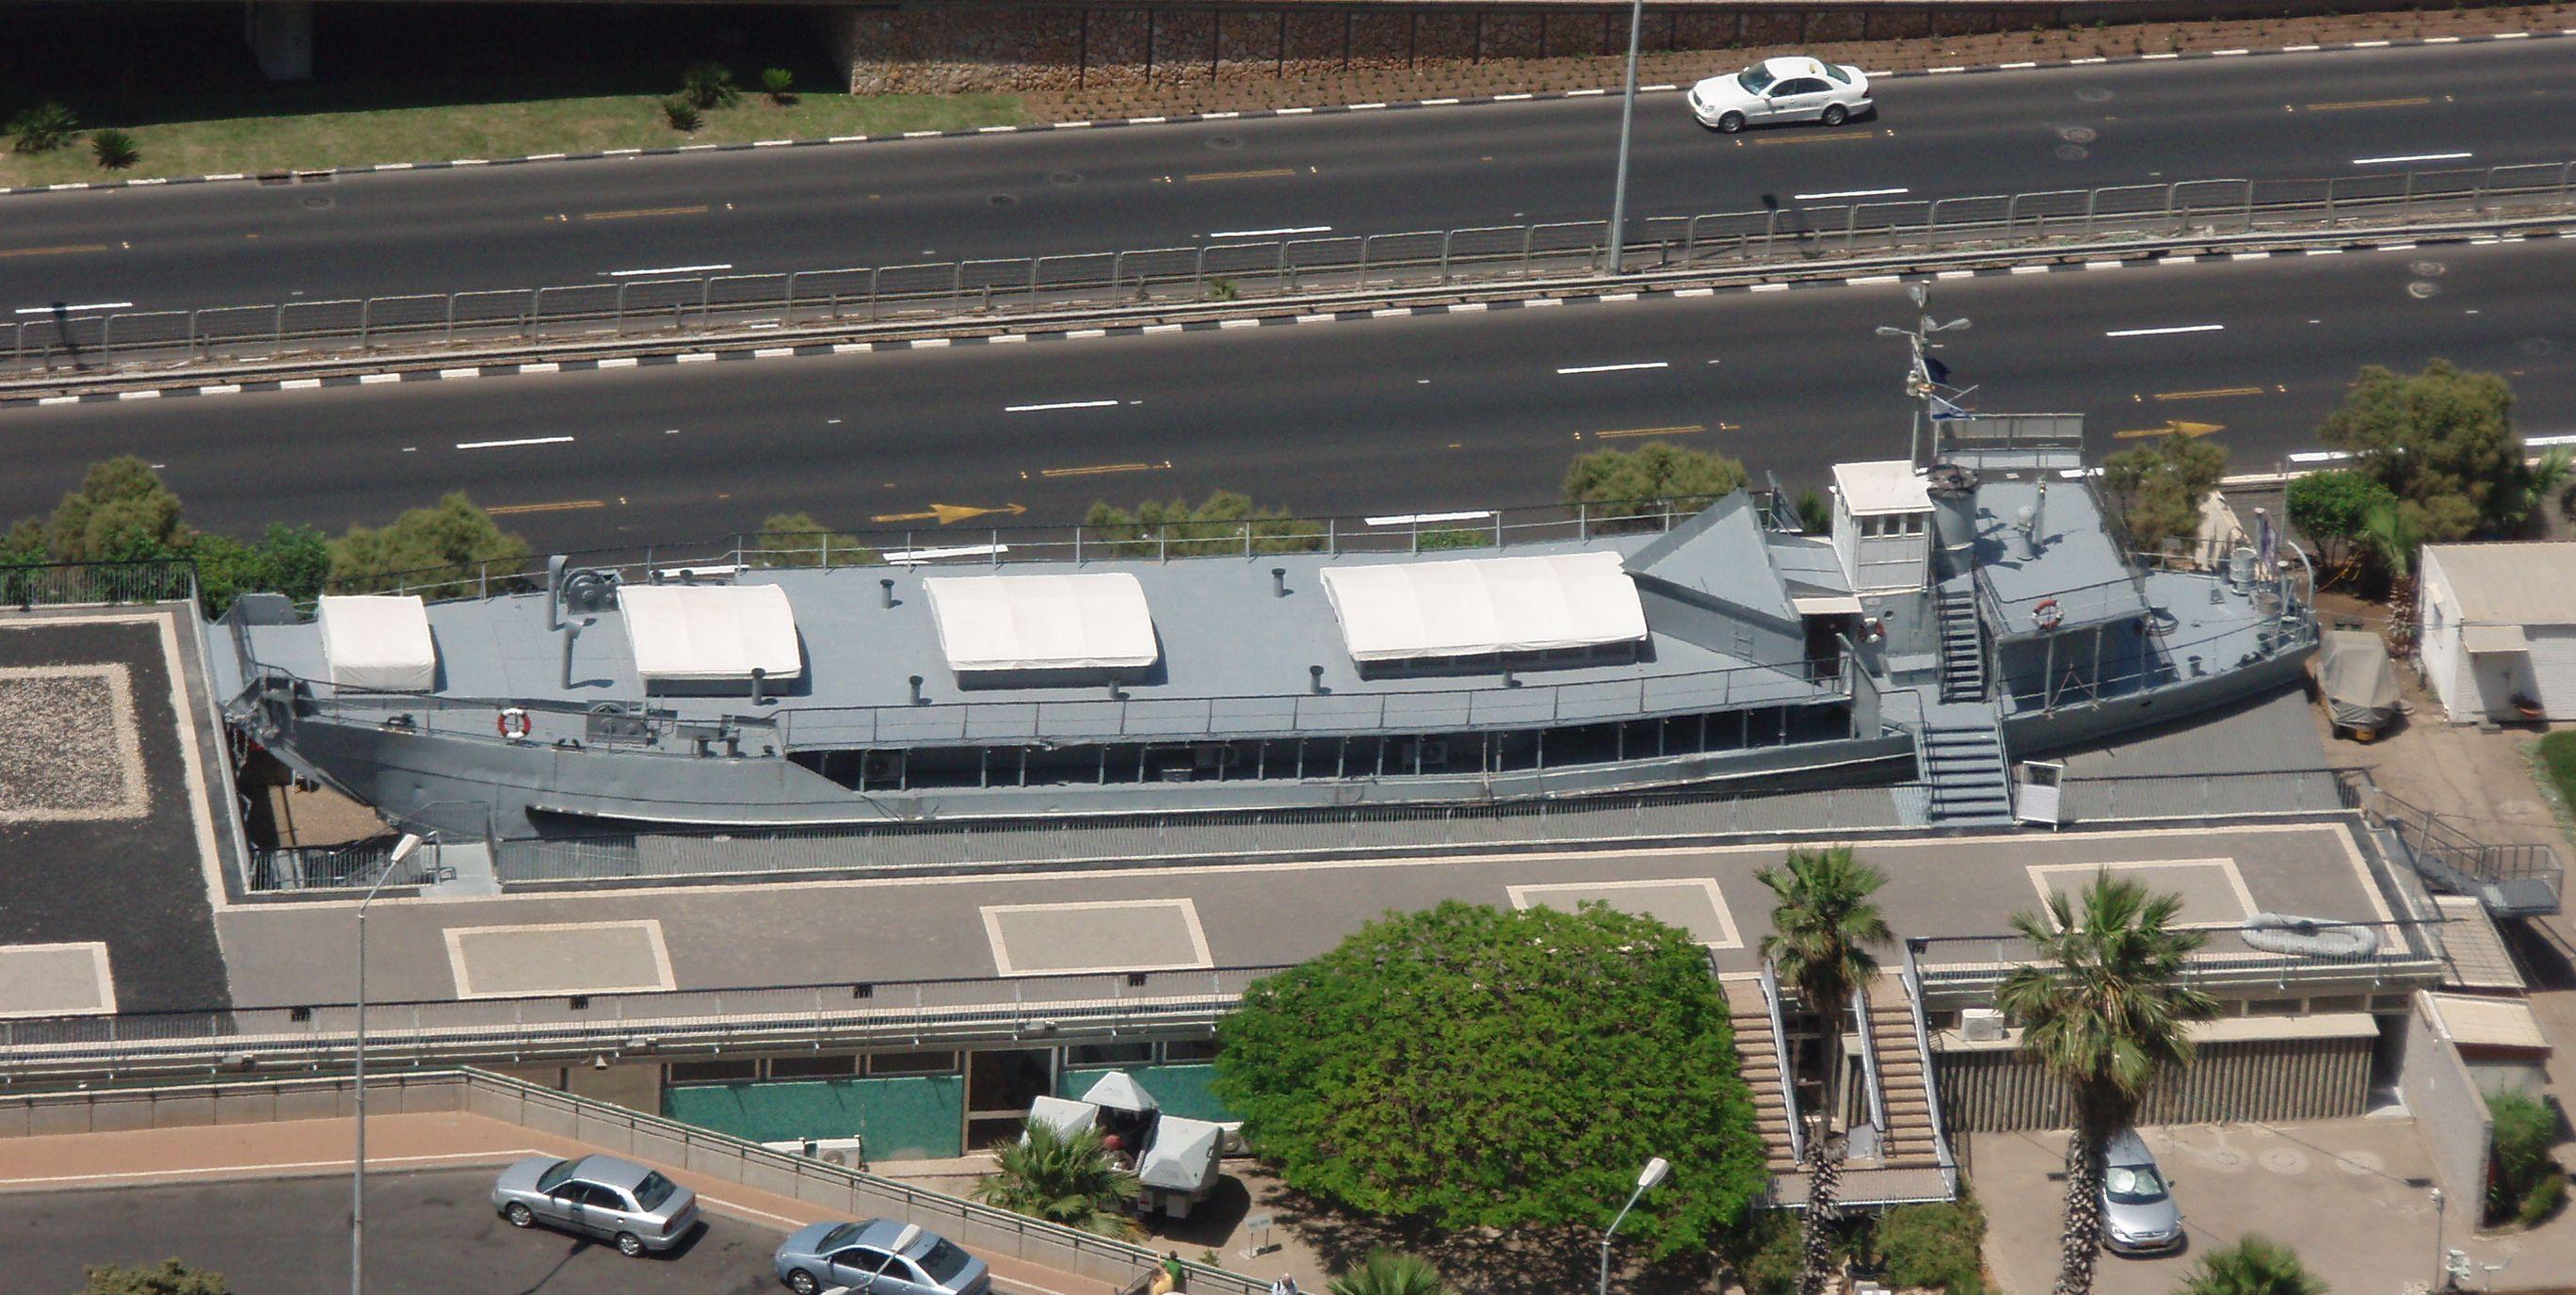 Музей нелегальной иммиграции и ВМФ в Хайфе, Израиль. Часть 1